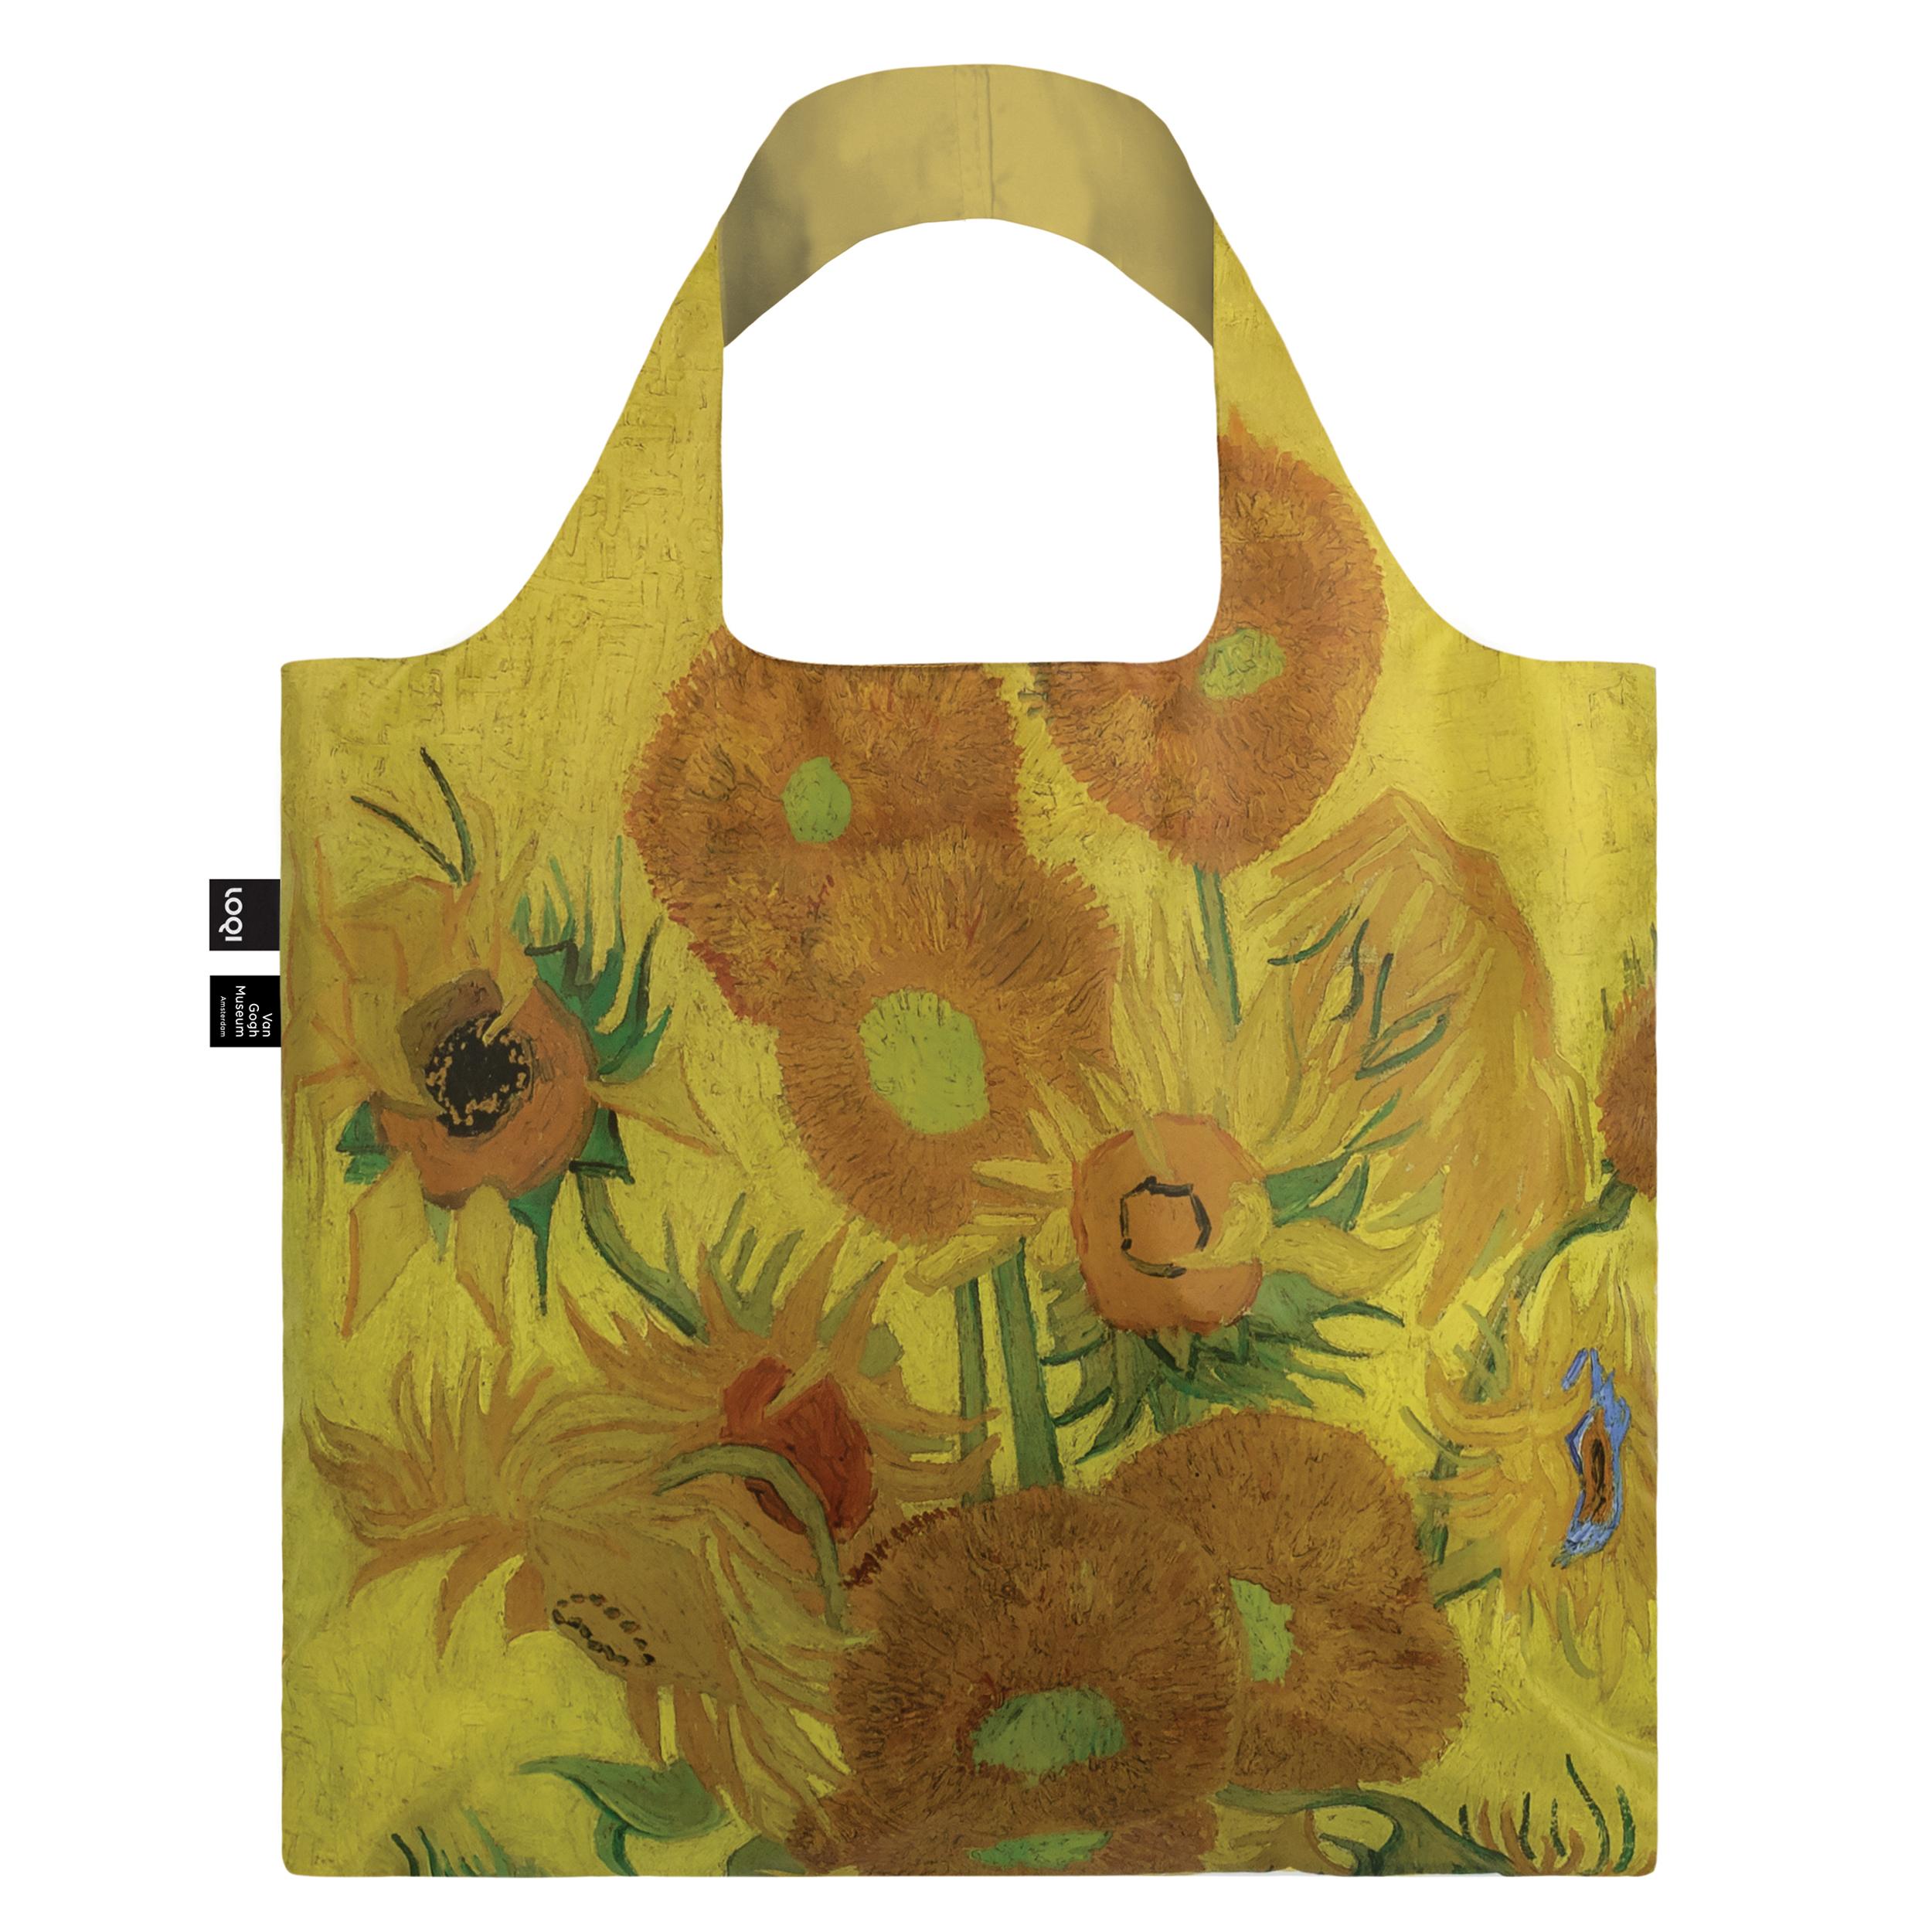 Van GoghDavid Bolsillo Cuaderno De Dibujo Hockney BoCerdWx